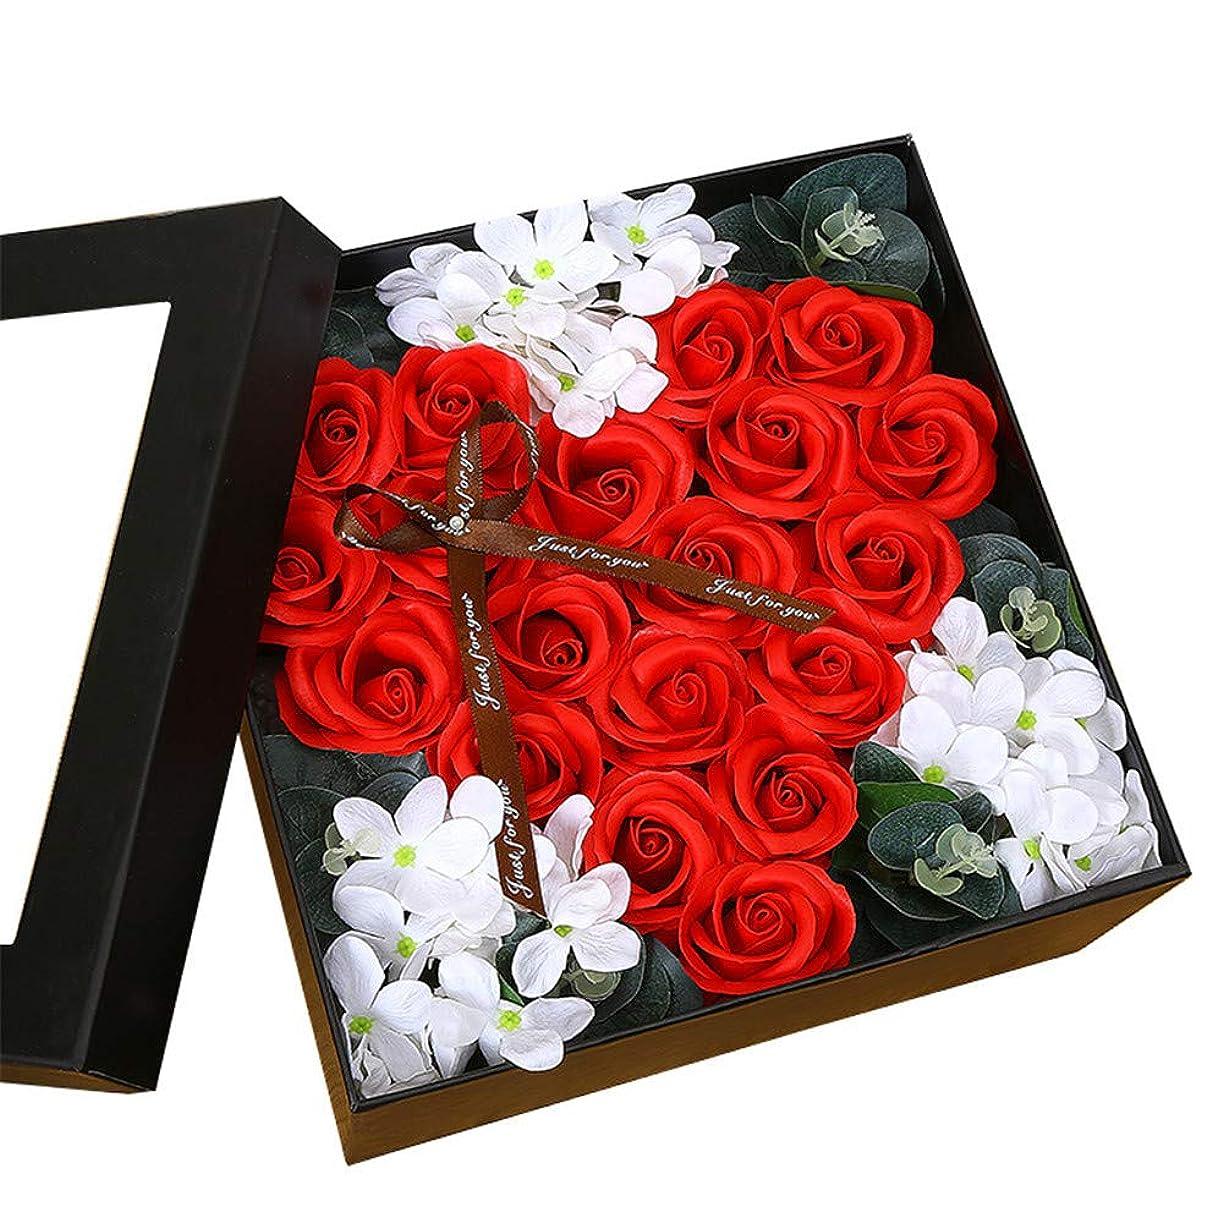 ファイバダルセット踏みつけ生地と花石鹸の花 ギフトソープフラワーローズフラワーバレンタインデーのために不可欠ガールフレンド記念日誕生日母の日 (色 : Red square box)